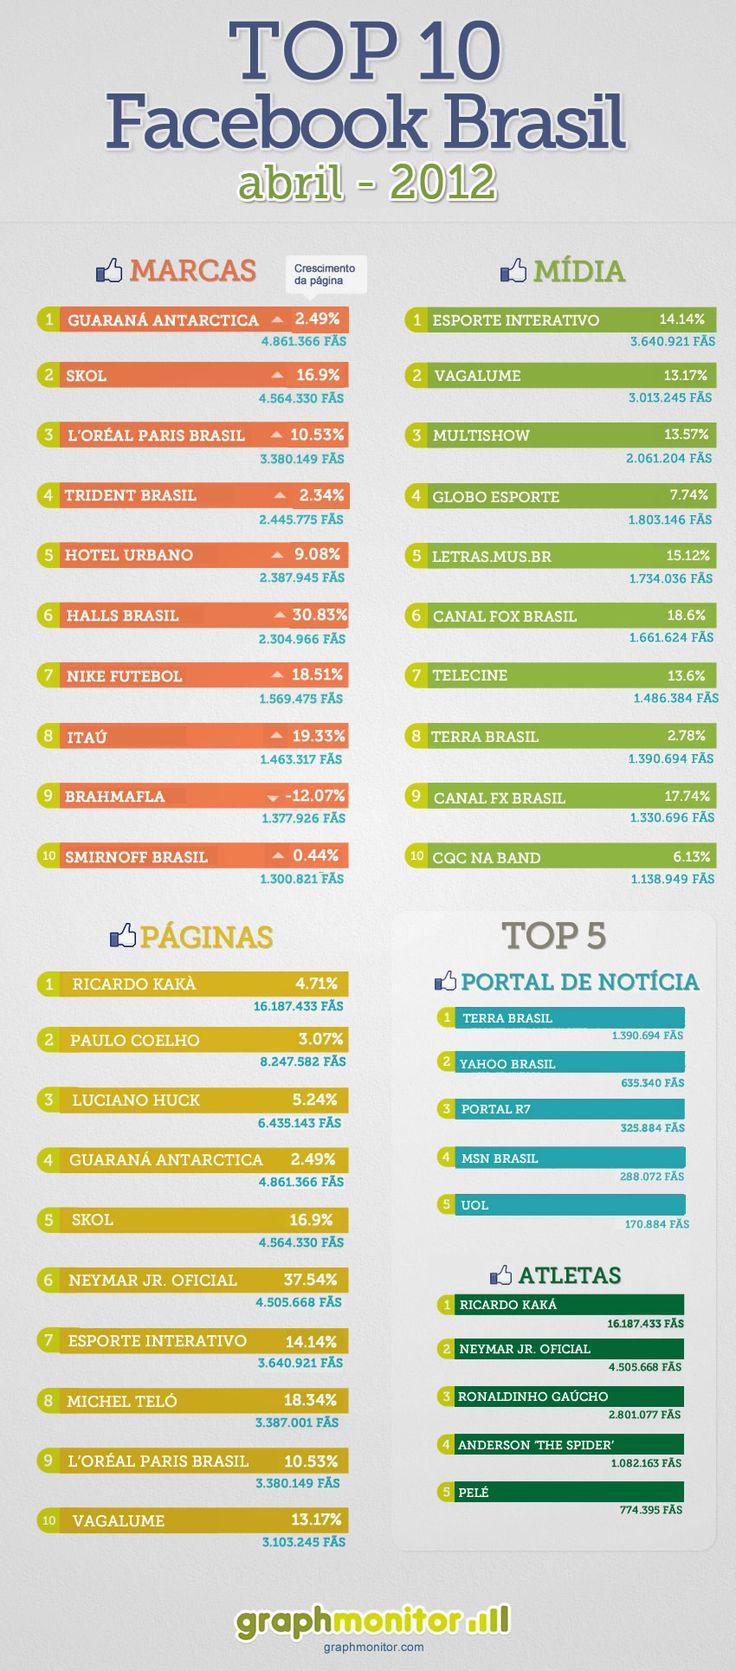 Infográfico: o Facebook e as marcas em abril | Vejam quais as marcas mais atuantes em abril no Facebook junto aos usuários brasileiros.